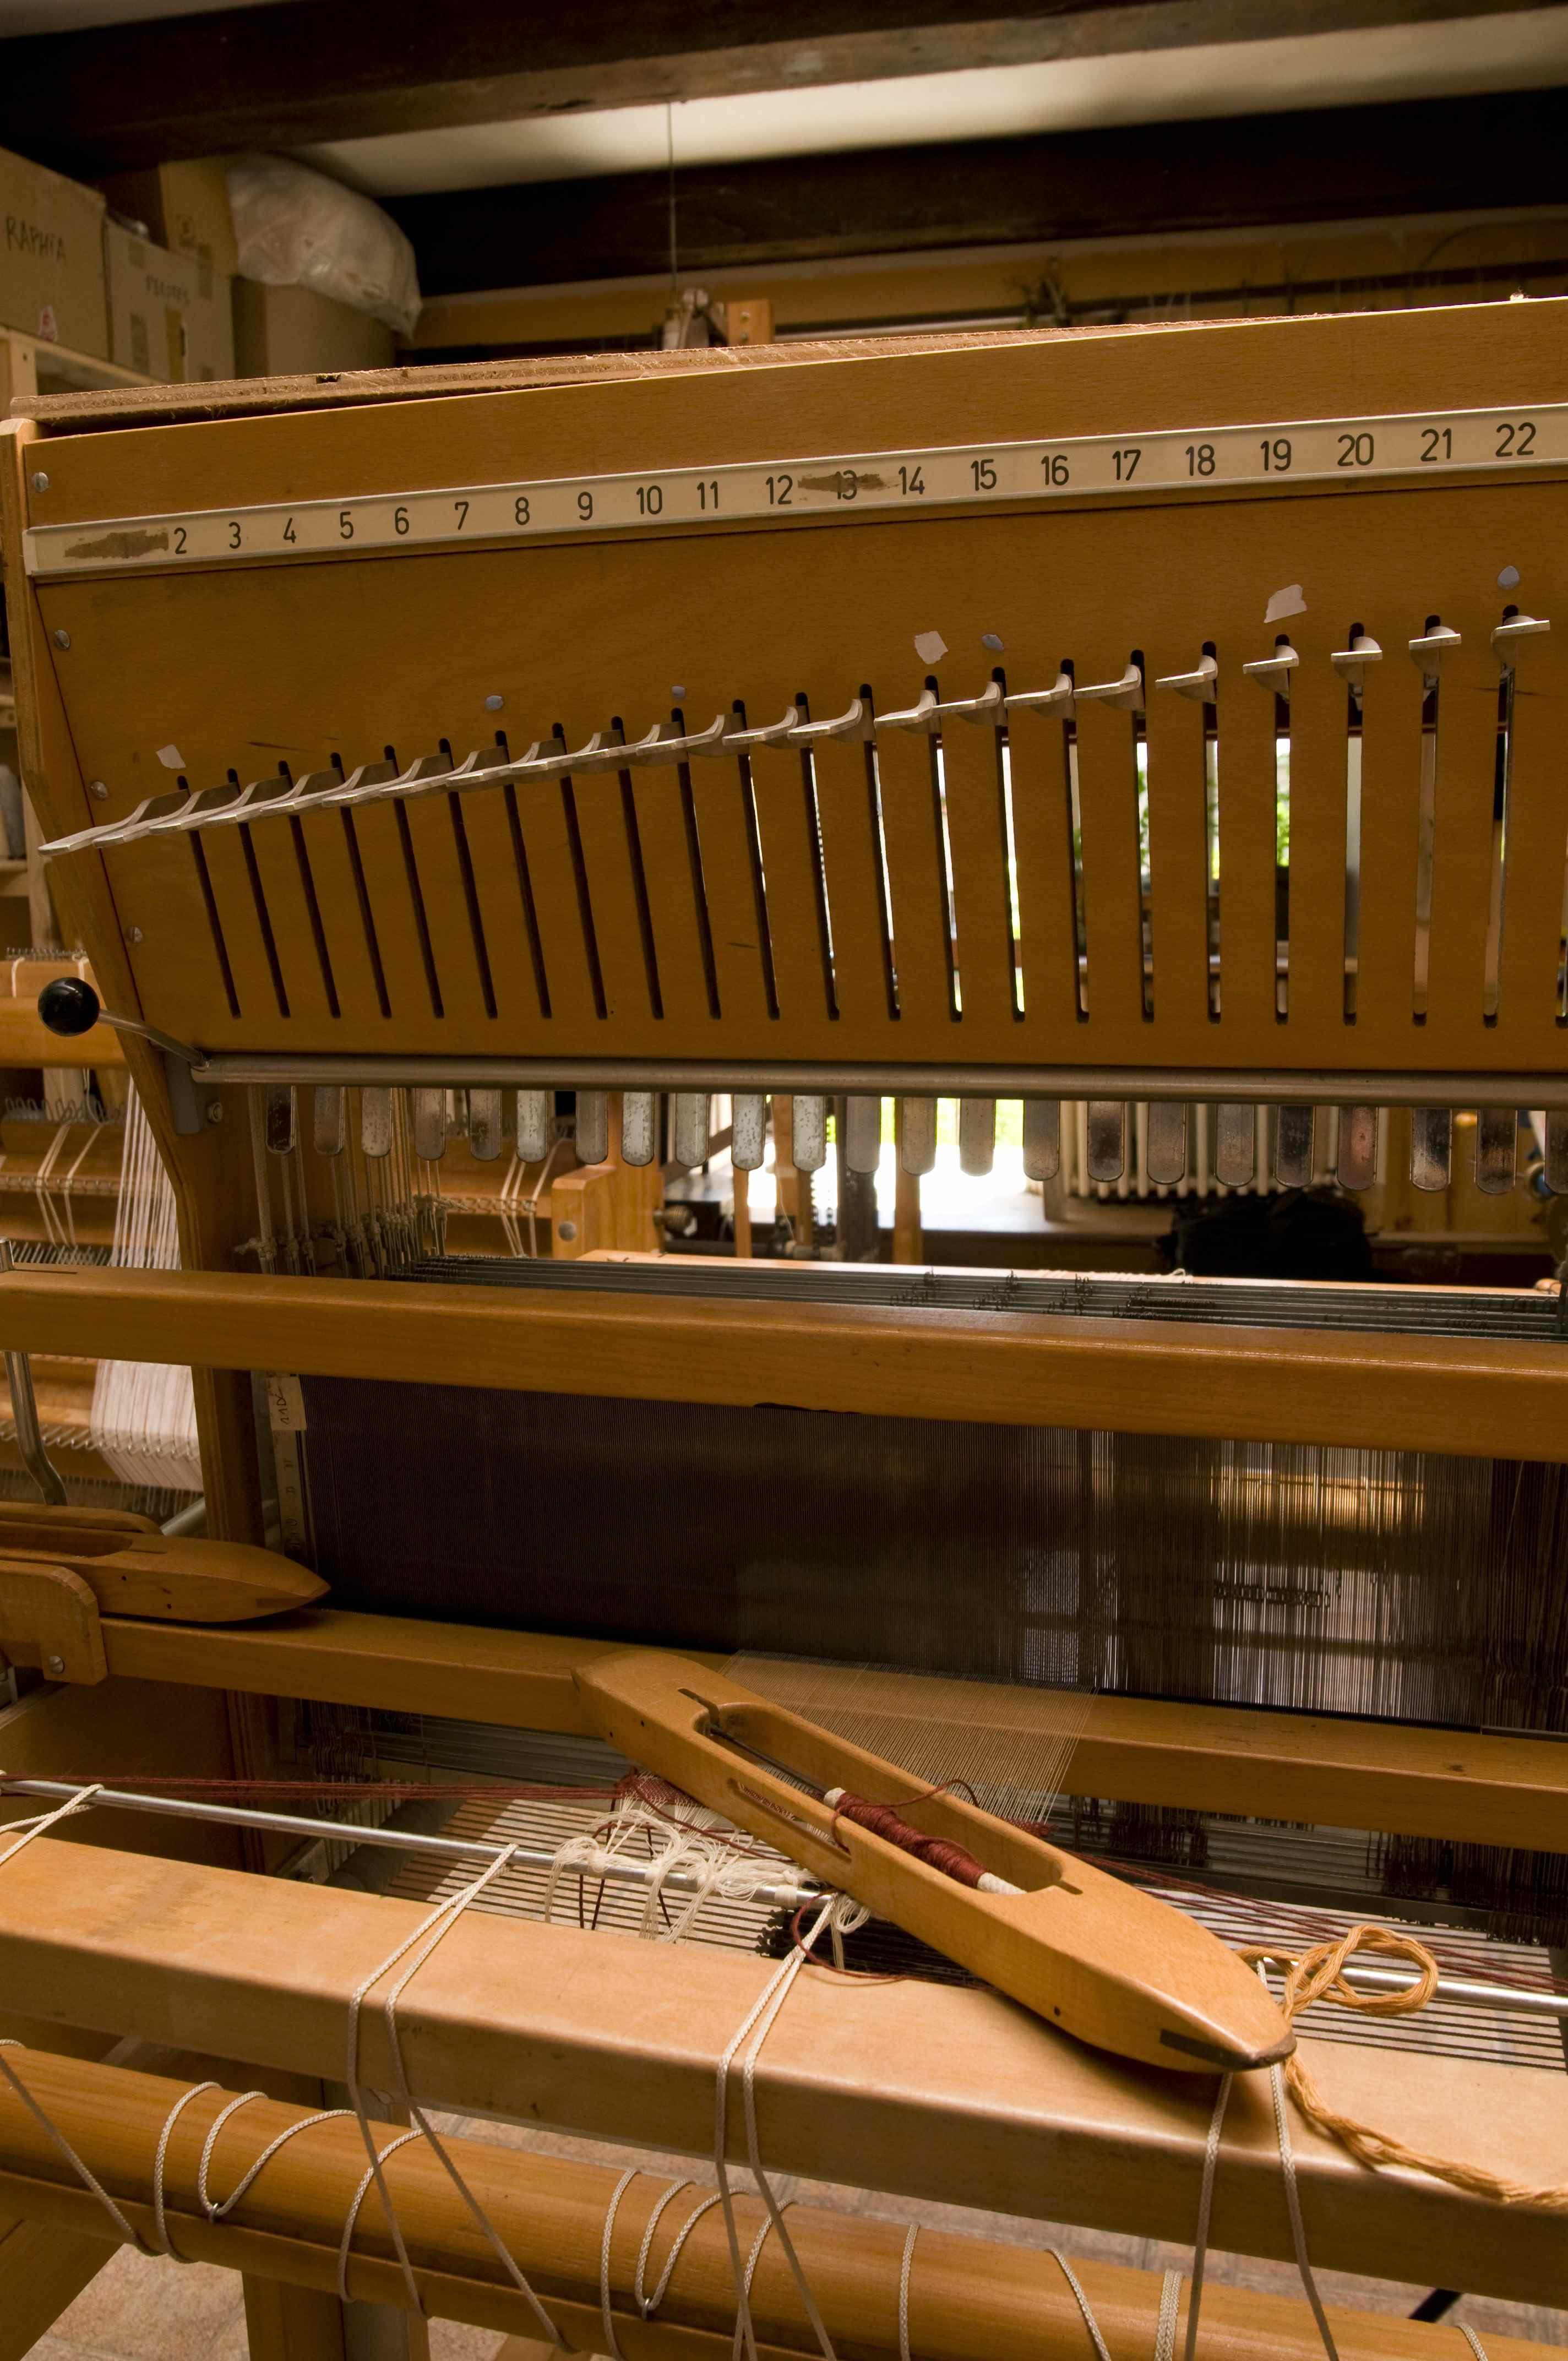 le forum du filage urgent pr t de plusieurs m tiers tisser 24 lames arm et de type arm. Black Bedroom Furniture Sets. Home Design Ideas